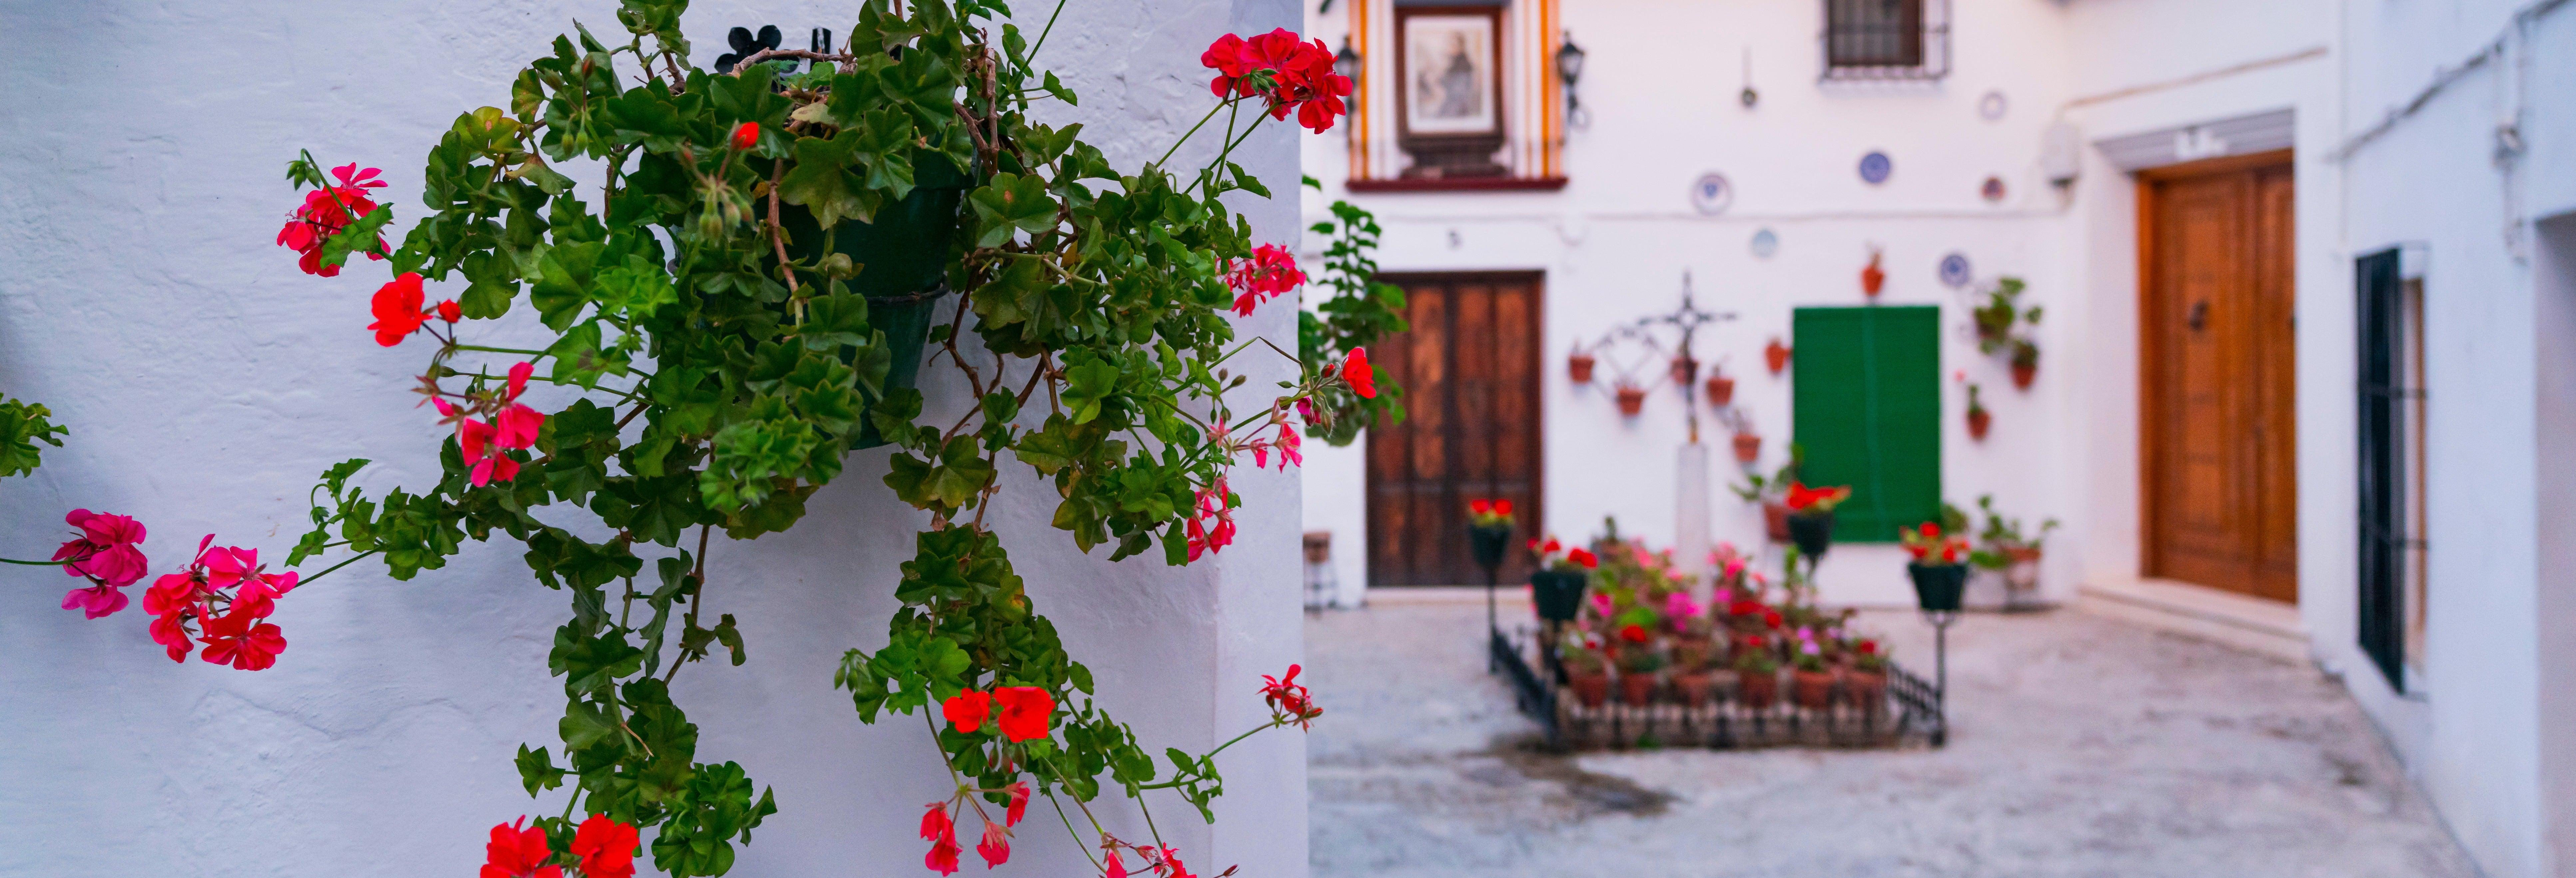 Visita guiada por Priego de Córdoba